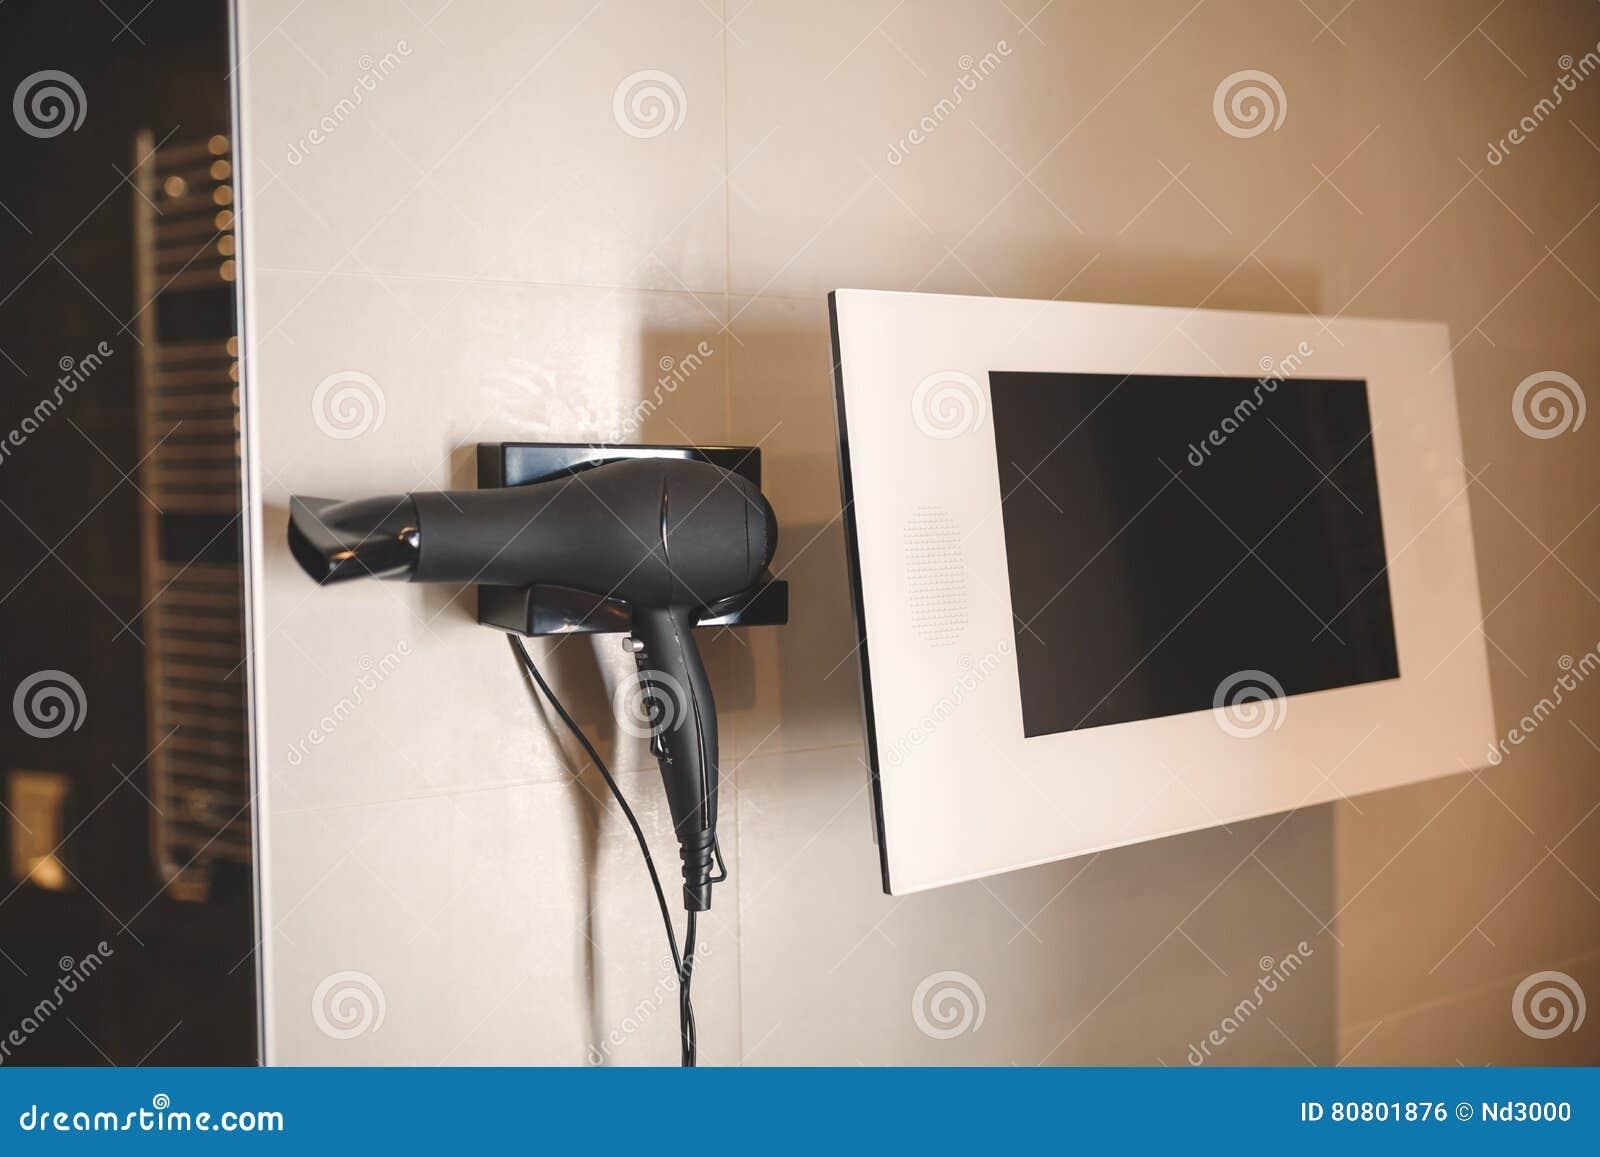 Bildskärmtv i badrum är modern utrustning